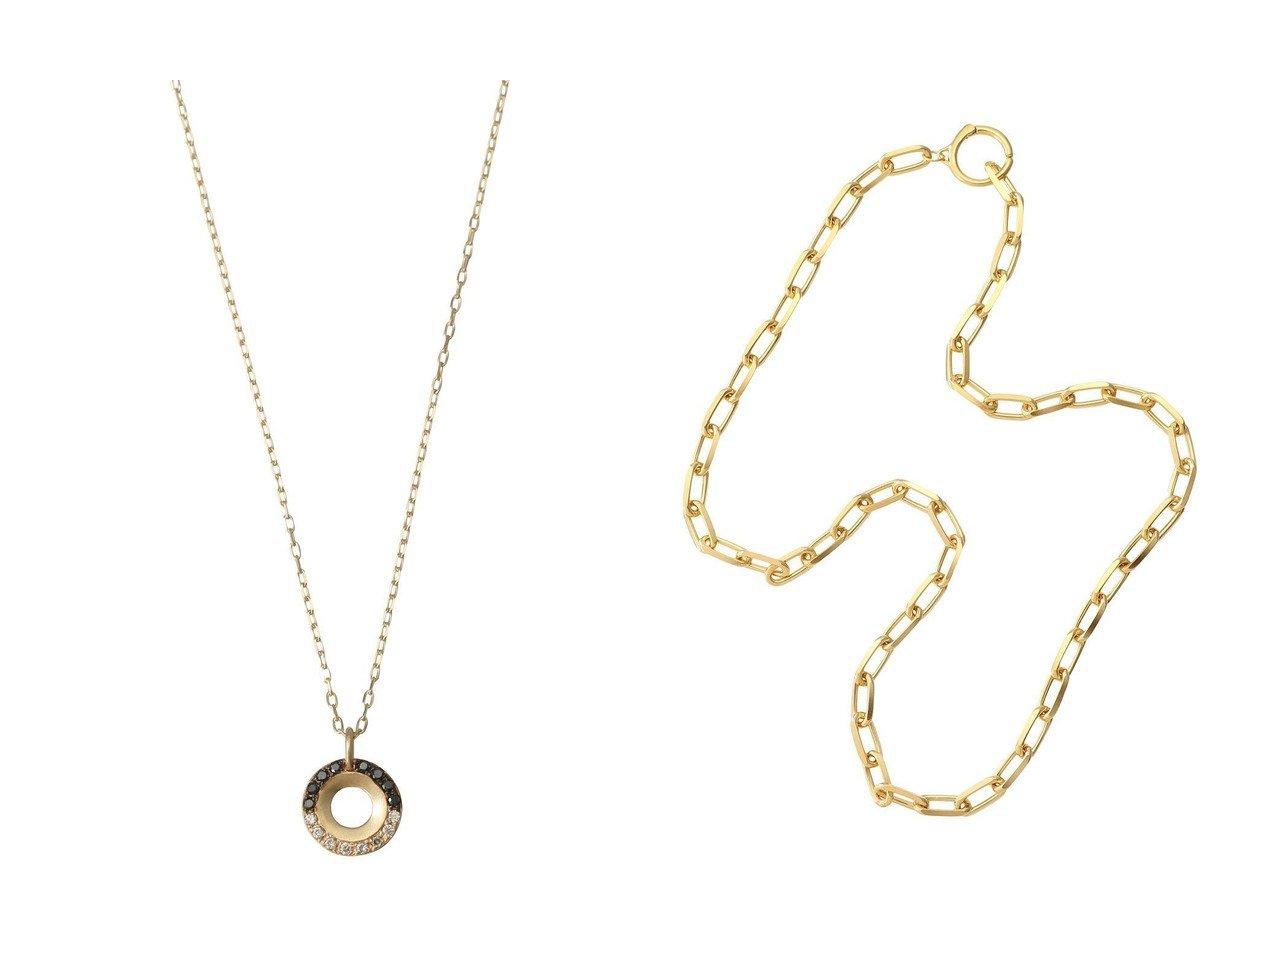 【KNOWHOW/ノウハウ】のCable Chain L フープネックレス&【Hirotaka/ヒロタカ】のWheel of Fortune ブラックダイヤモンドネックレス アクセサリー・ジュエリーおすすめ!人気、レディースファッションの通販  おすすめで人気のファッション通販商品 インテリア・家具・キッズファッション・メンズファッション・レディースファッション・服の通販 founy(ファニー) https://founy.com/ ファッション Fashion レディース WOMEN ジュエリー Jewelry ネックレス Necklaces シンプル セットアップ ダイヤモンド ネックレス ショート チェーン フープ |ID:crp329100000005601